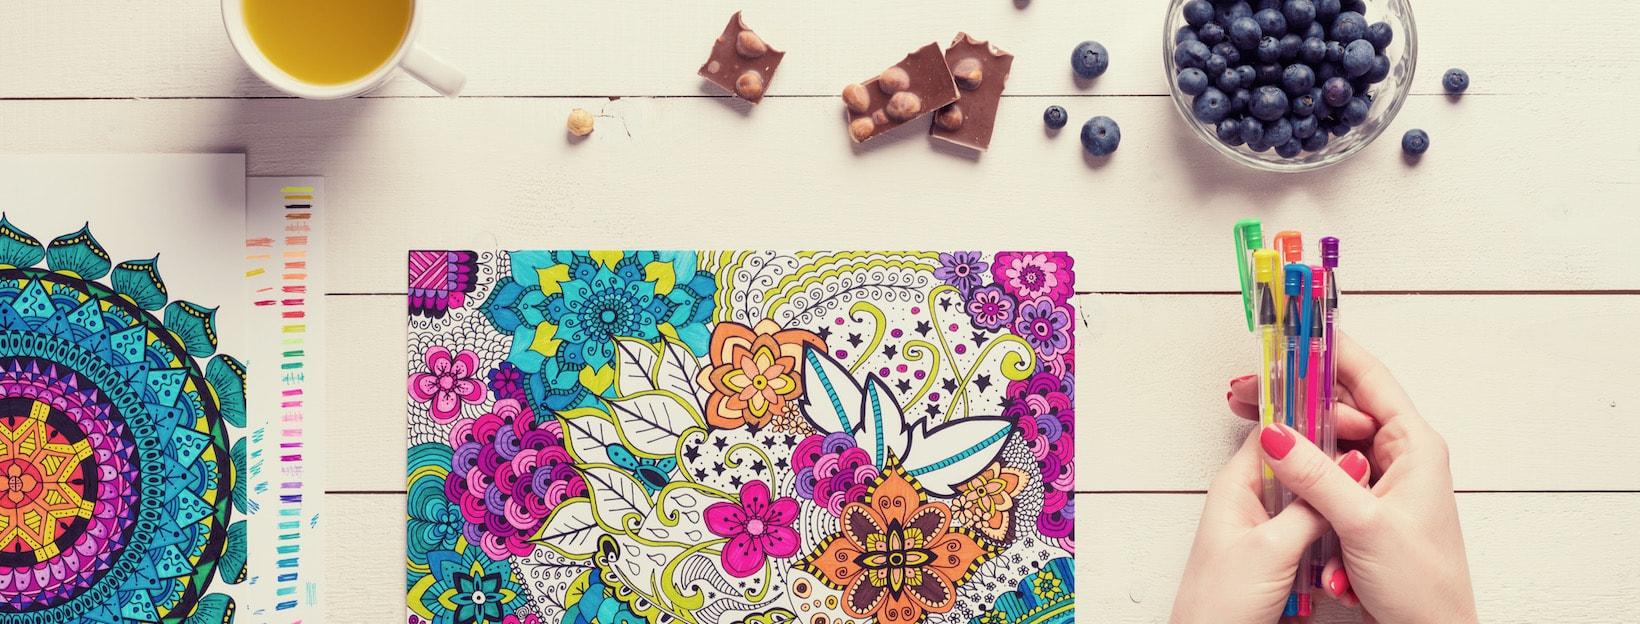 Buntes Ausmalbild mit Stiften, Tee und Snacks